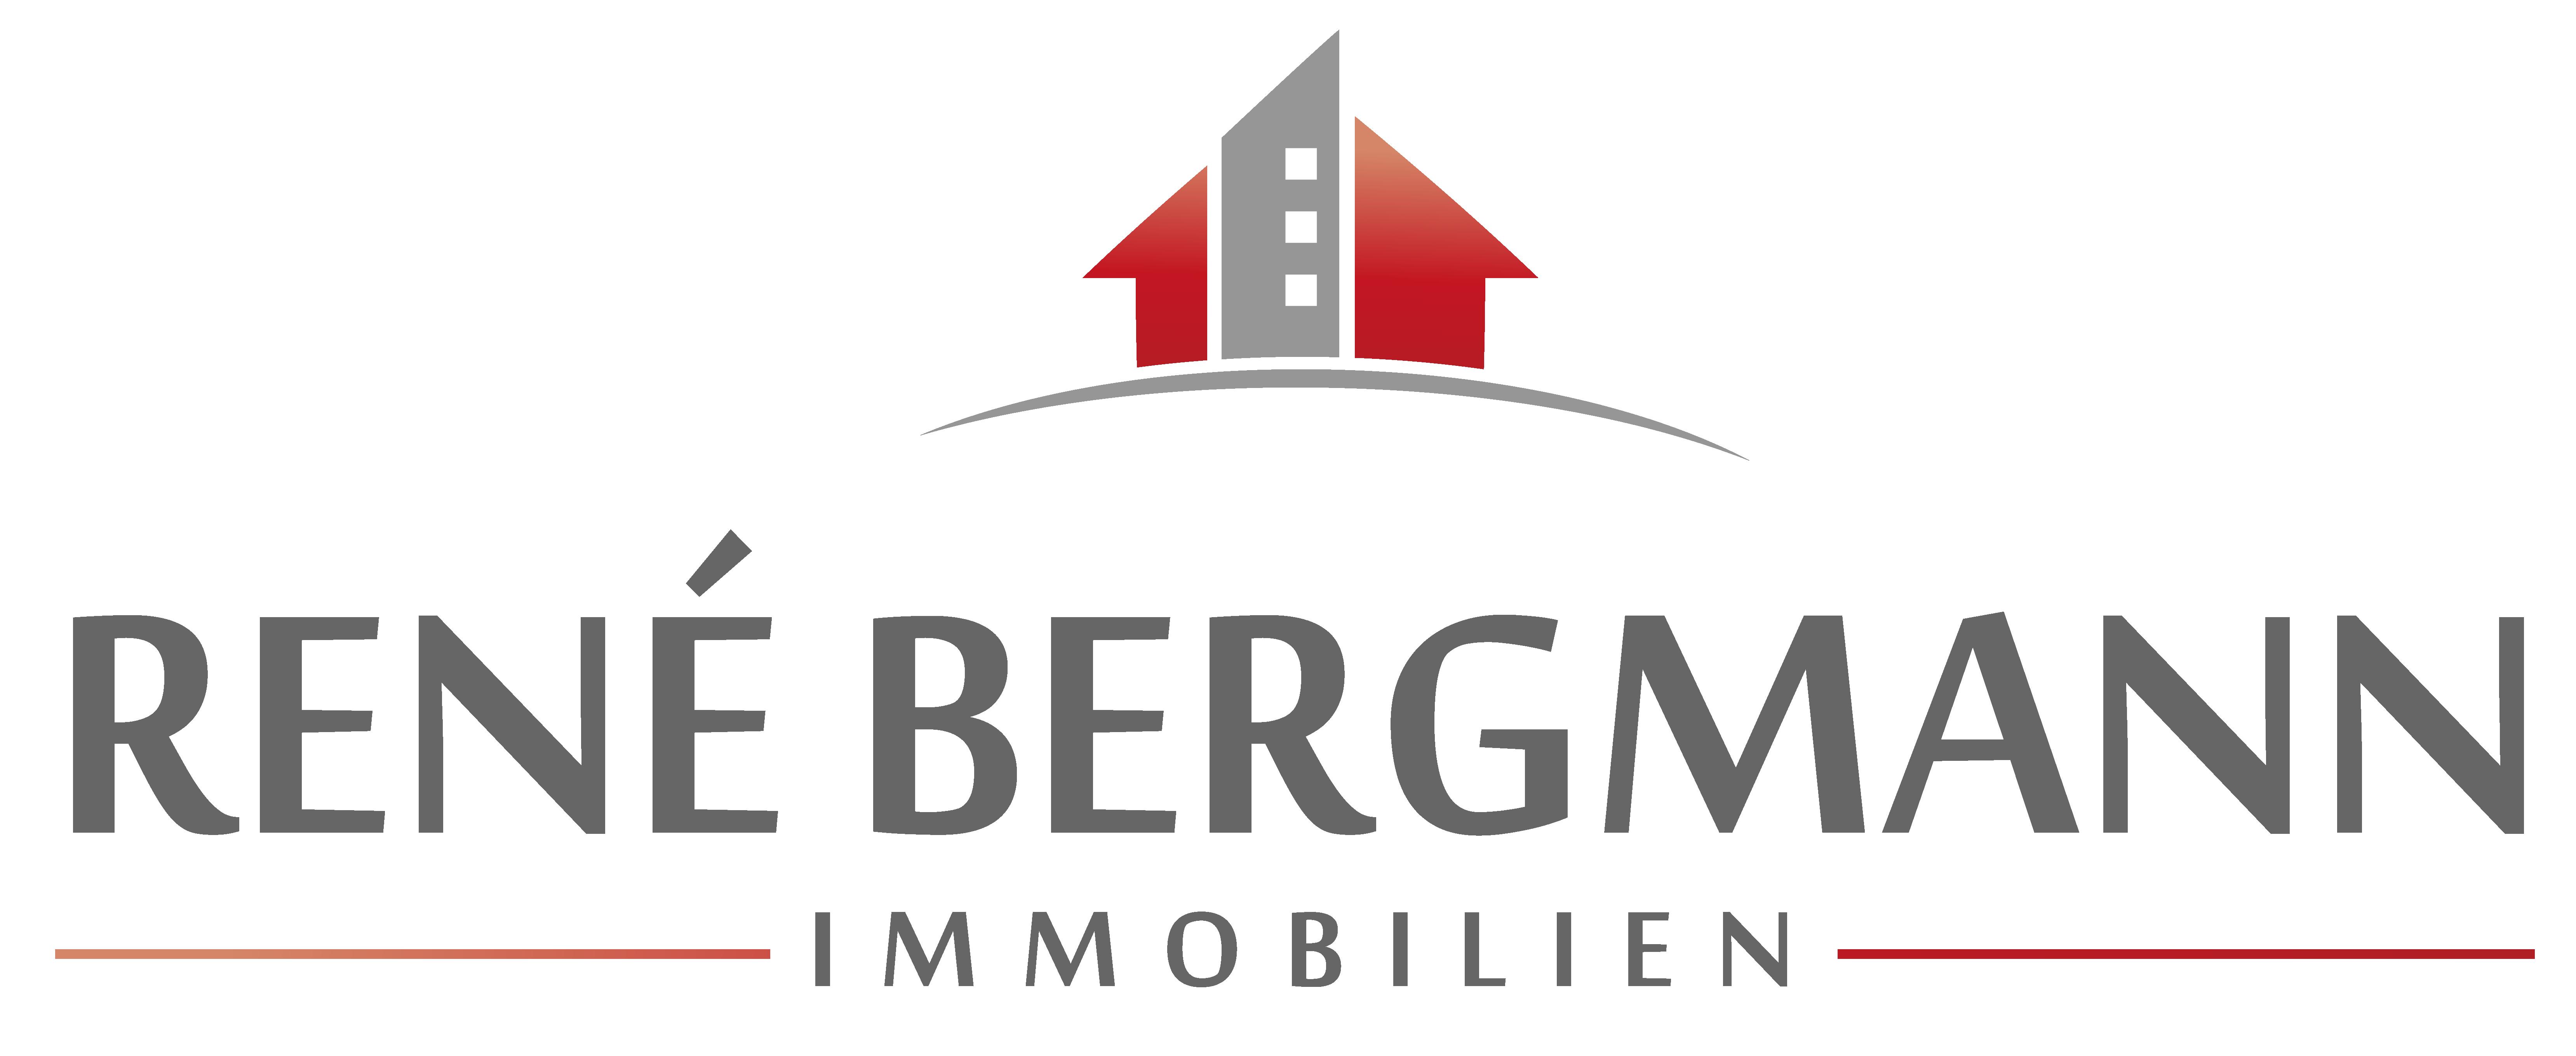 René Bergmann Immobilien